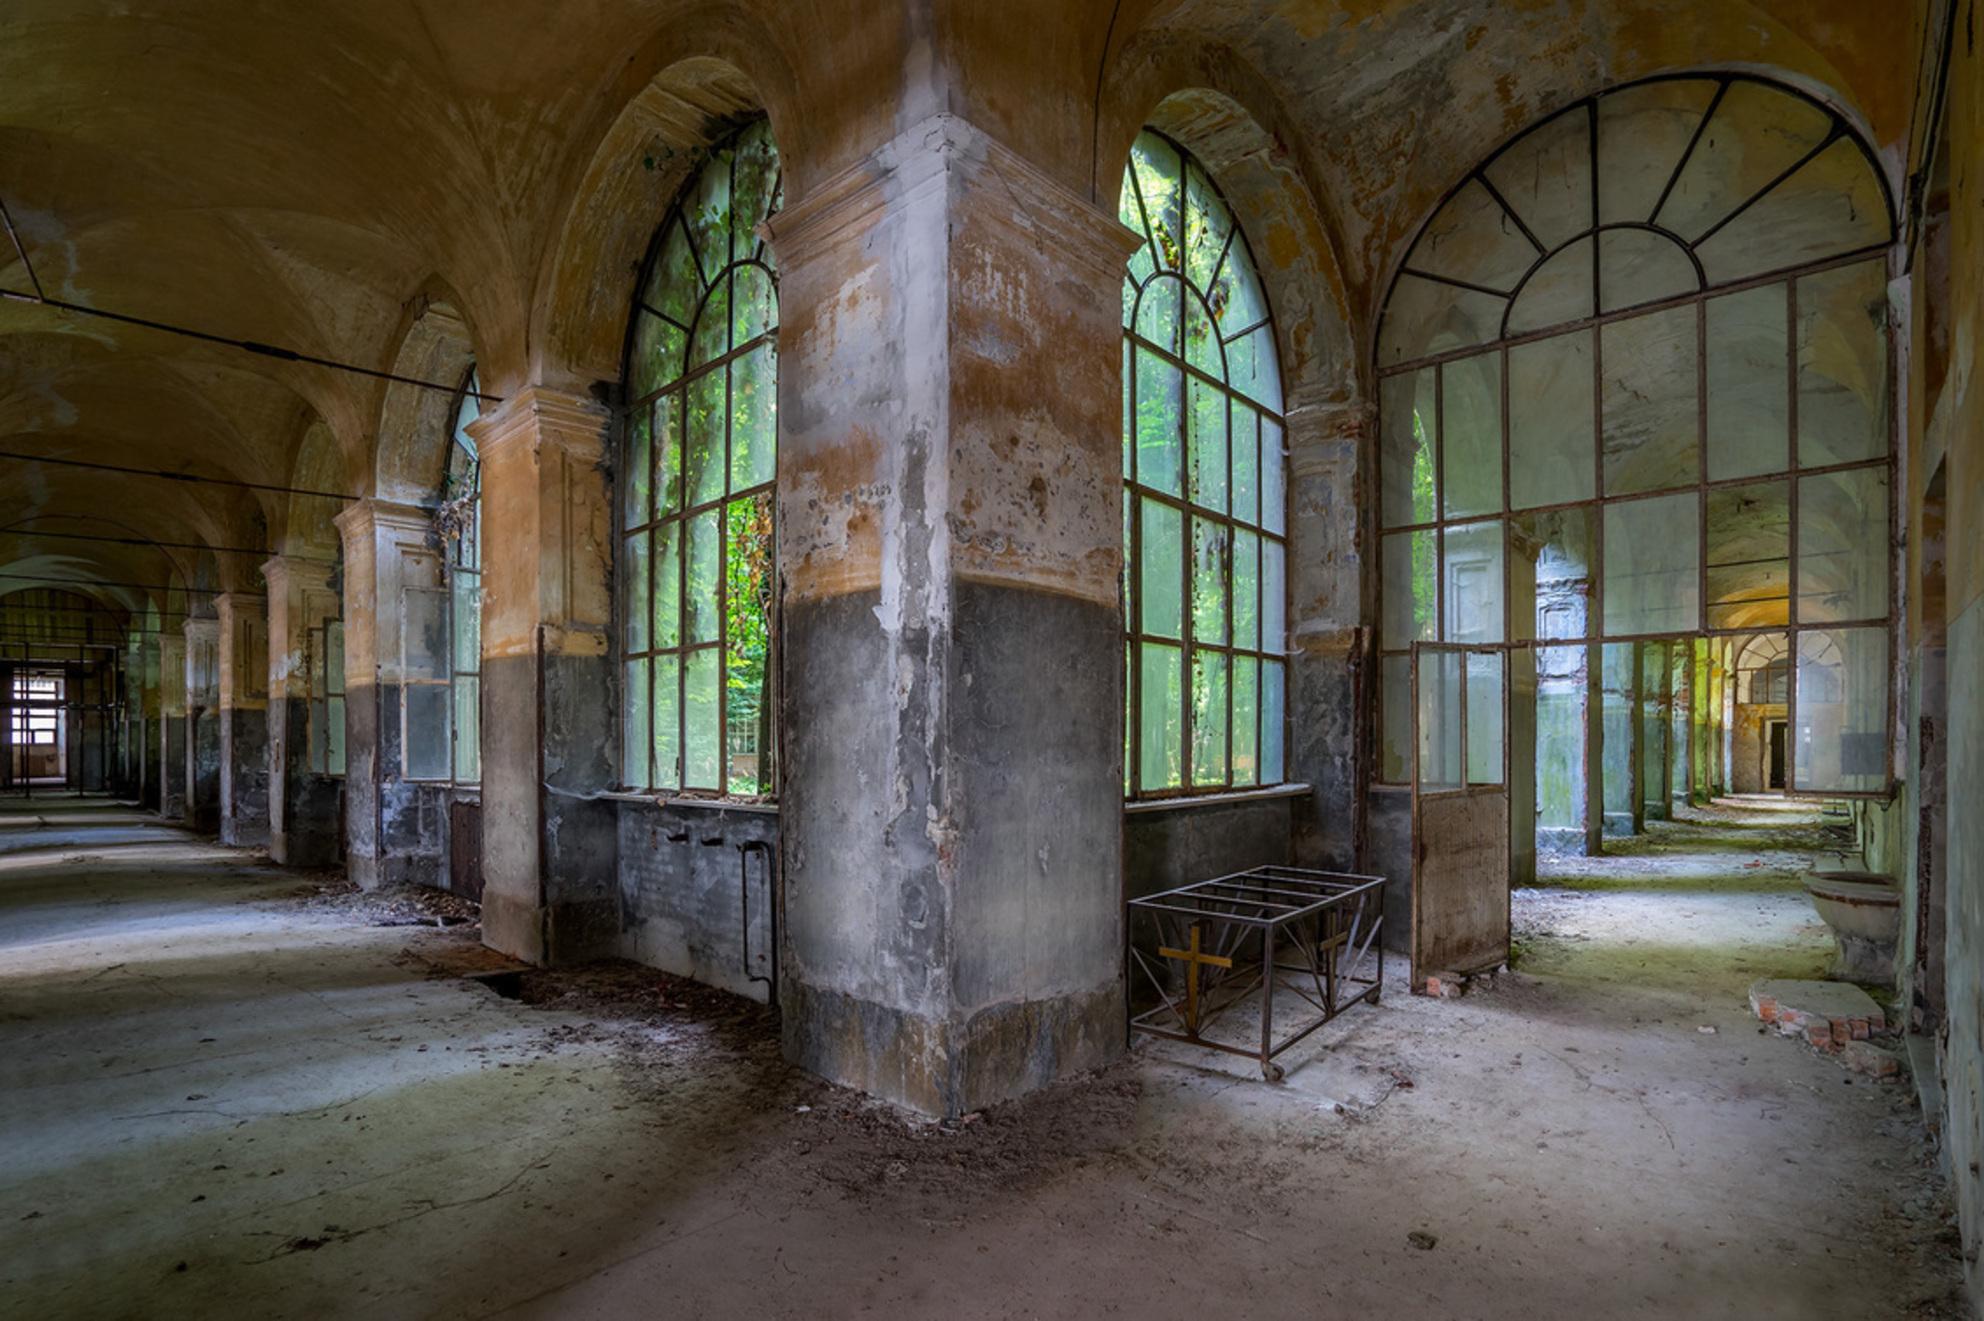 Manicomio di R - Manicomio di R is een verlaten psychiatrisch ziekenhuis in Noord Italië, gebouwd in 1871. Voor de behandeling van patiënten werden elektroshock thera - foto door Wilcrooymans op 16-07-2016 - deze foto bevat: licht, lichtval, italie, verlaten, gang, vervallen, verval, ziekenhuis, urbex, inrichting, sanatorium, gangen, psychiatrische - Deze foto mag gebruikt worden in een Zoom.nl publicatie